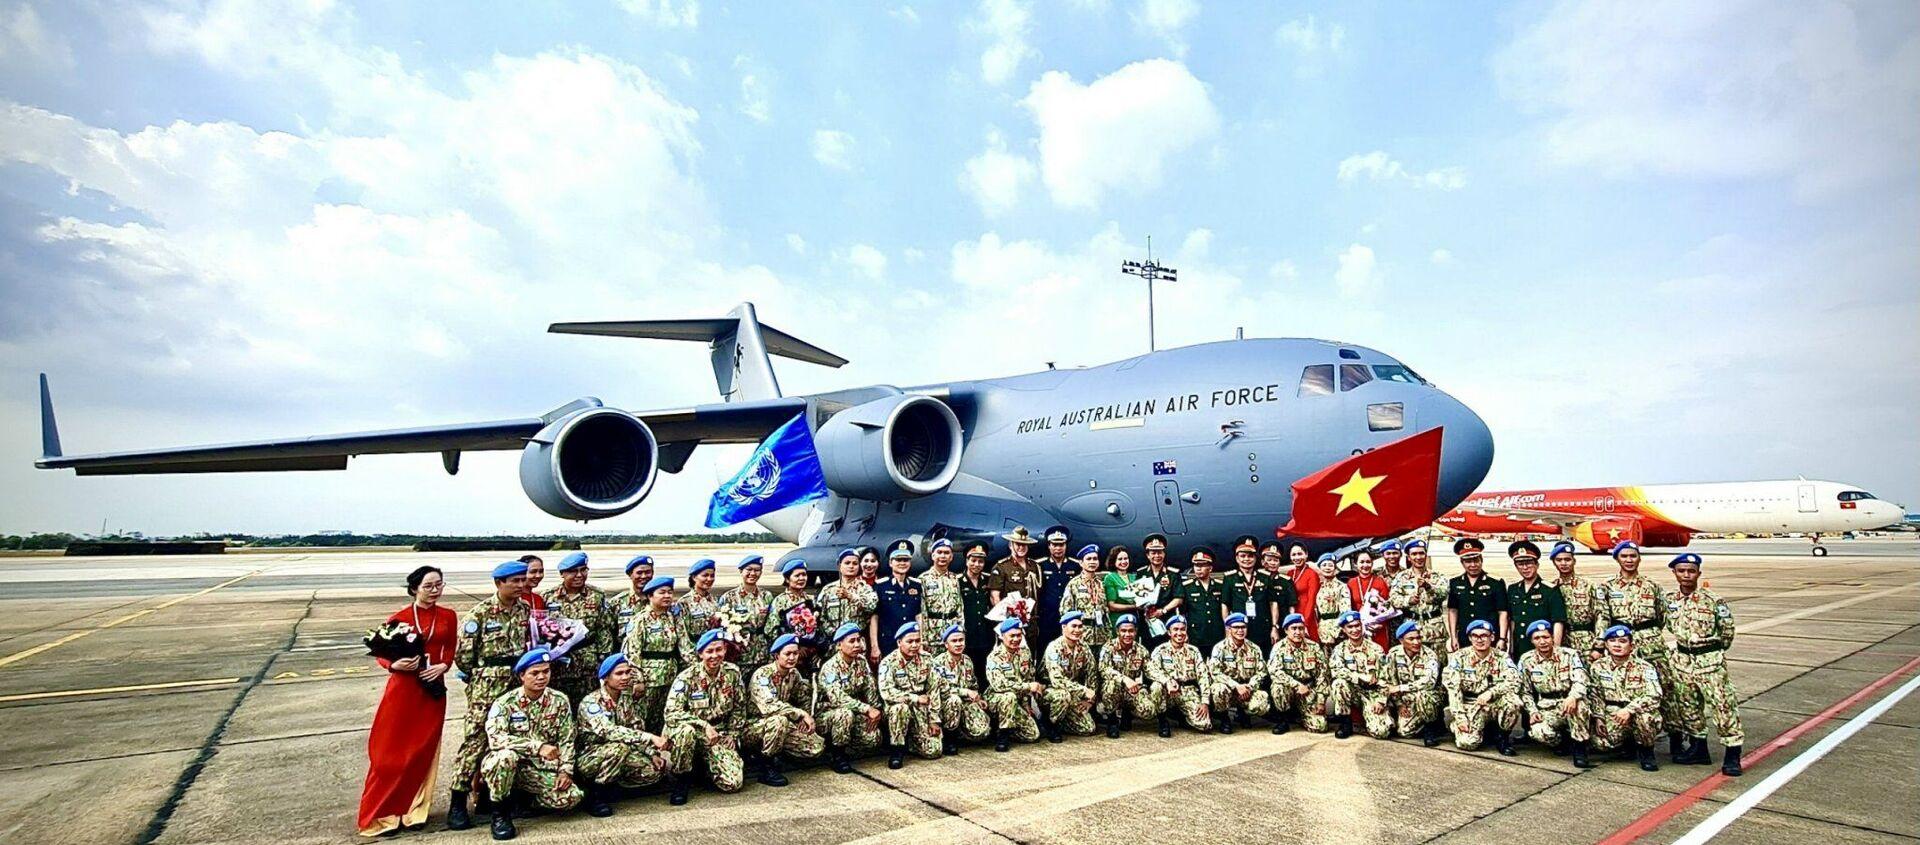 Ngày 24-3 vừa qua, đợt 1 của BVDC 2.3 đã xuất quân lên đường sang Nam Sudan bằng máy bay vận tải C-17 của Không quân Hoàng gia Australia. - Sputnik Việt Nam, 1920, 10.06.2021